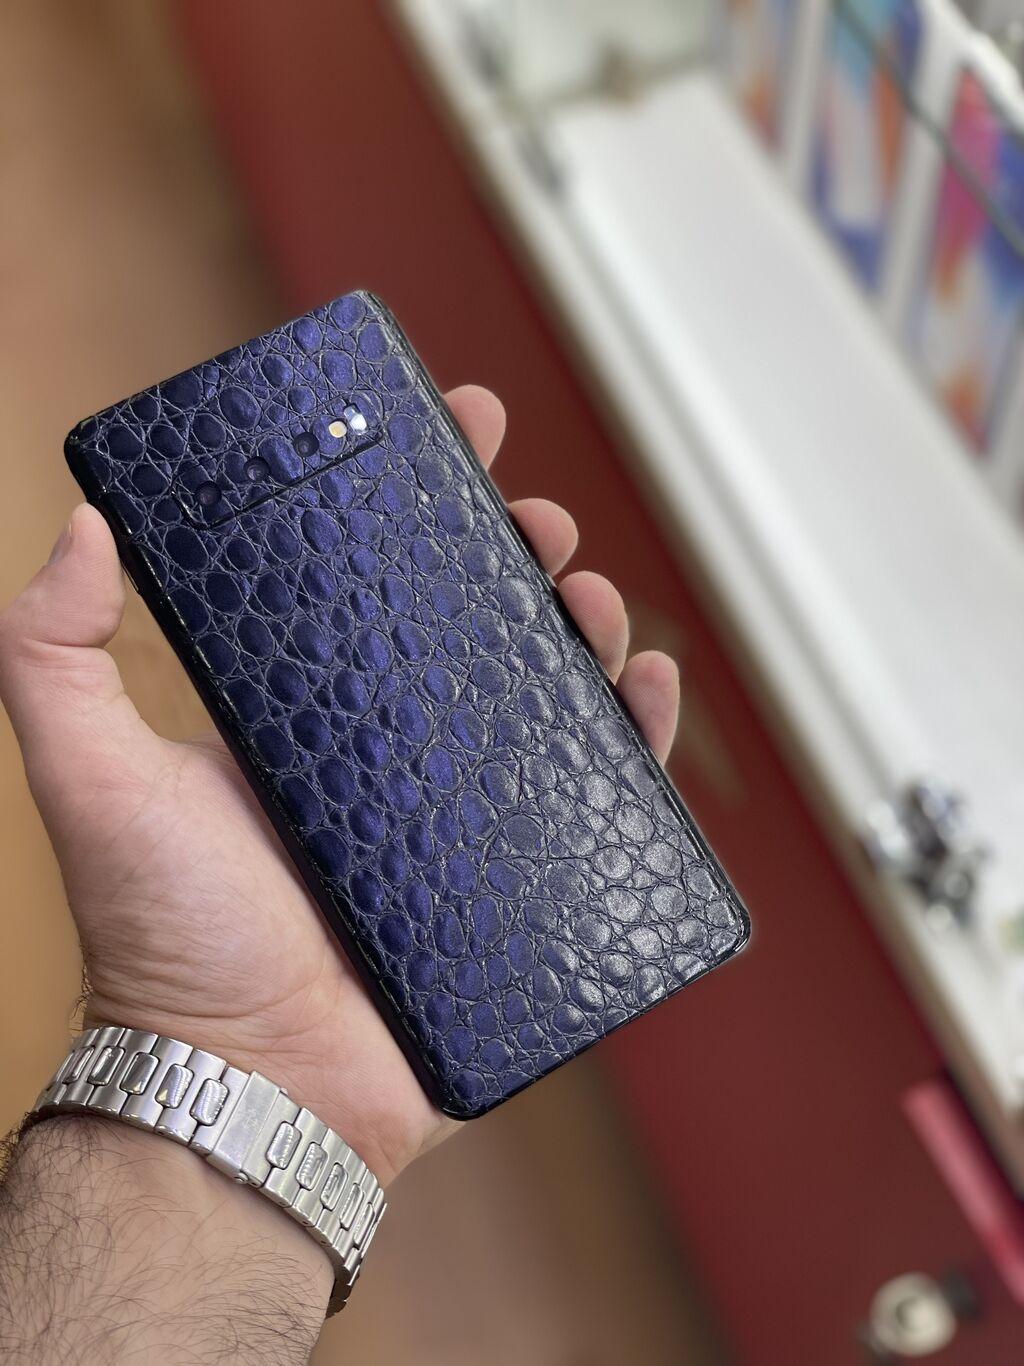 Samsung Galaxy S10 Plus | 128 GB | Qara | Zəmanət | Elan yaradılıb 12 Sentyabr 2021 14:28:37 | SAMSUNG: Samsung Galaxy S10 Plus | 128 GB | Qara | Zəmanət